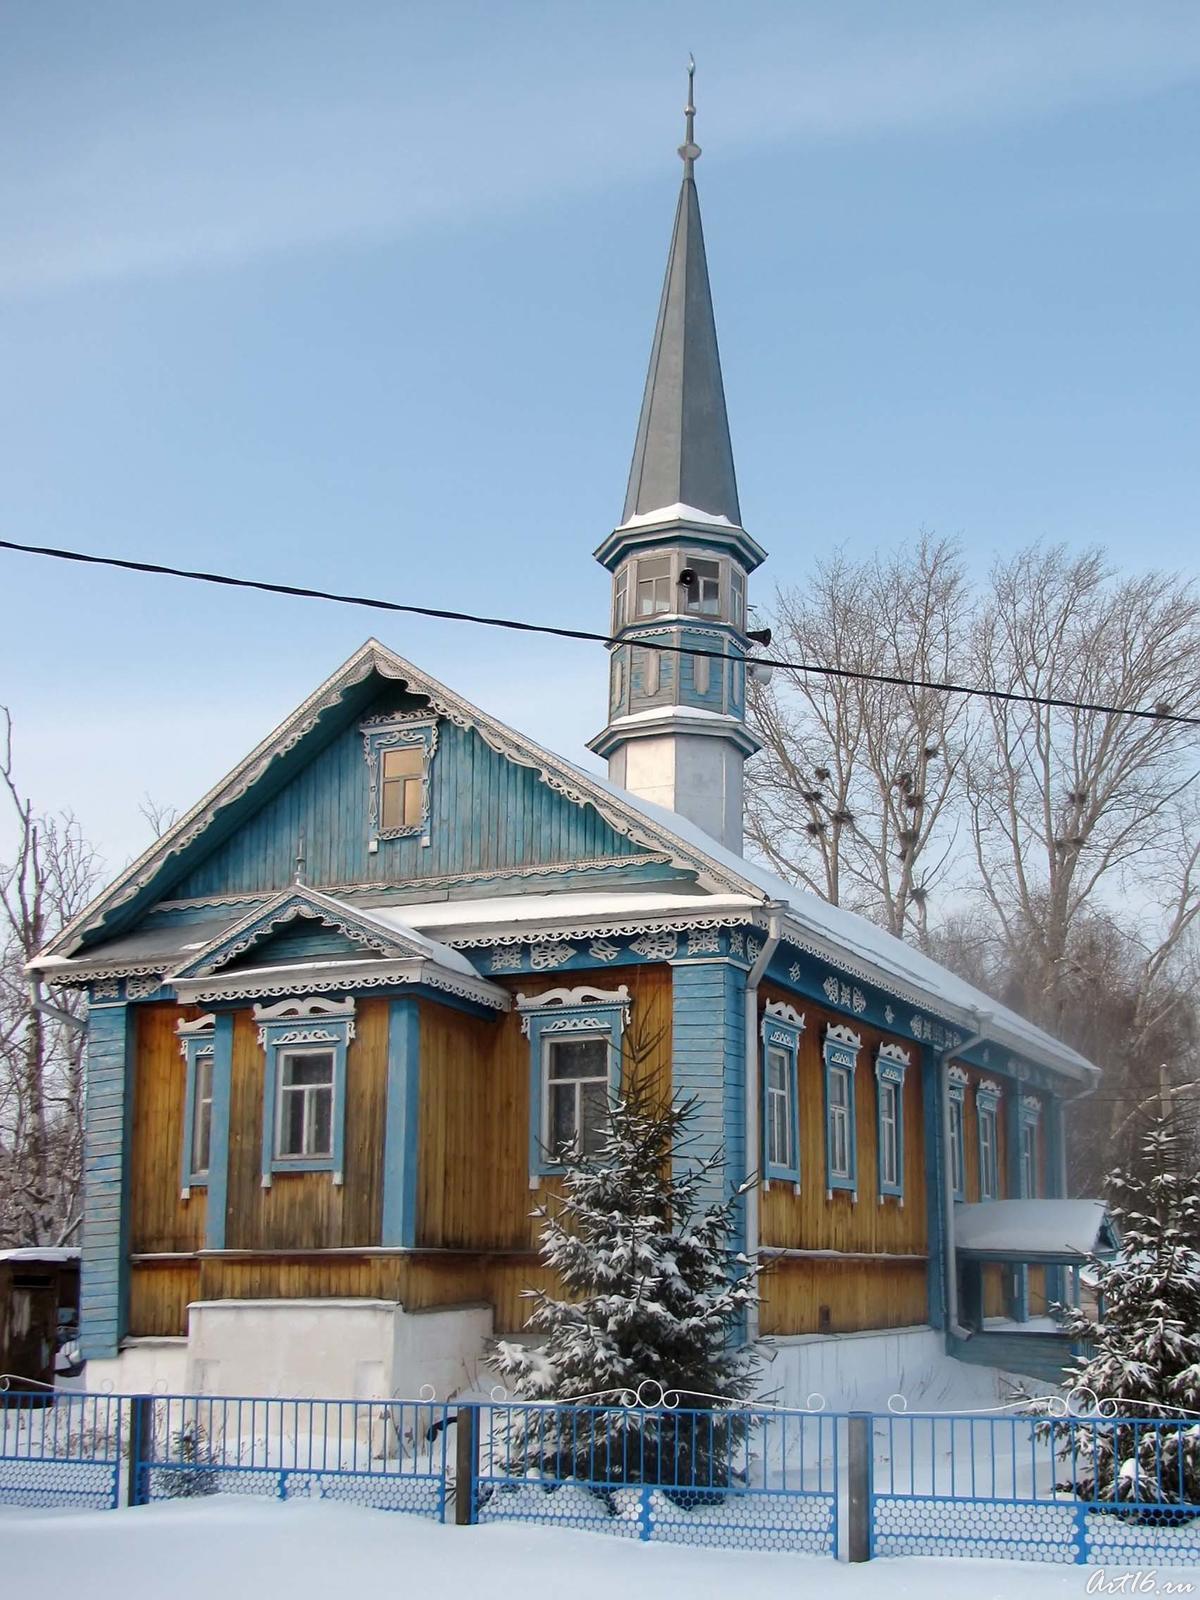 Фото №43231. Мечеть д. Куль-Черкене